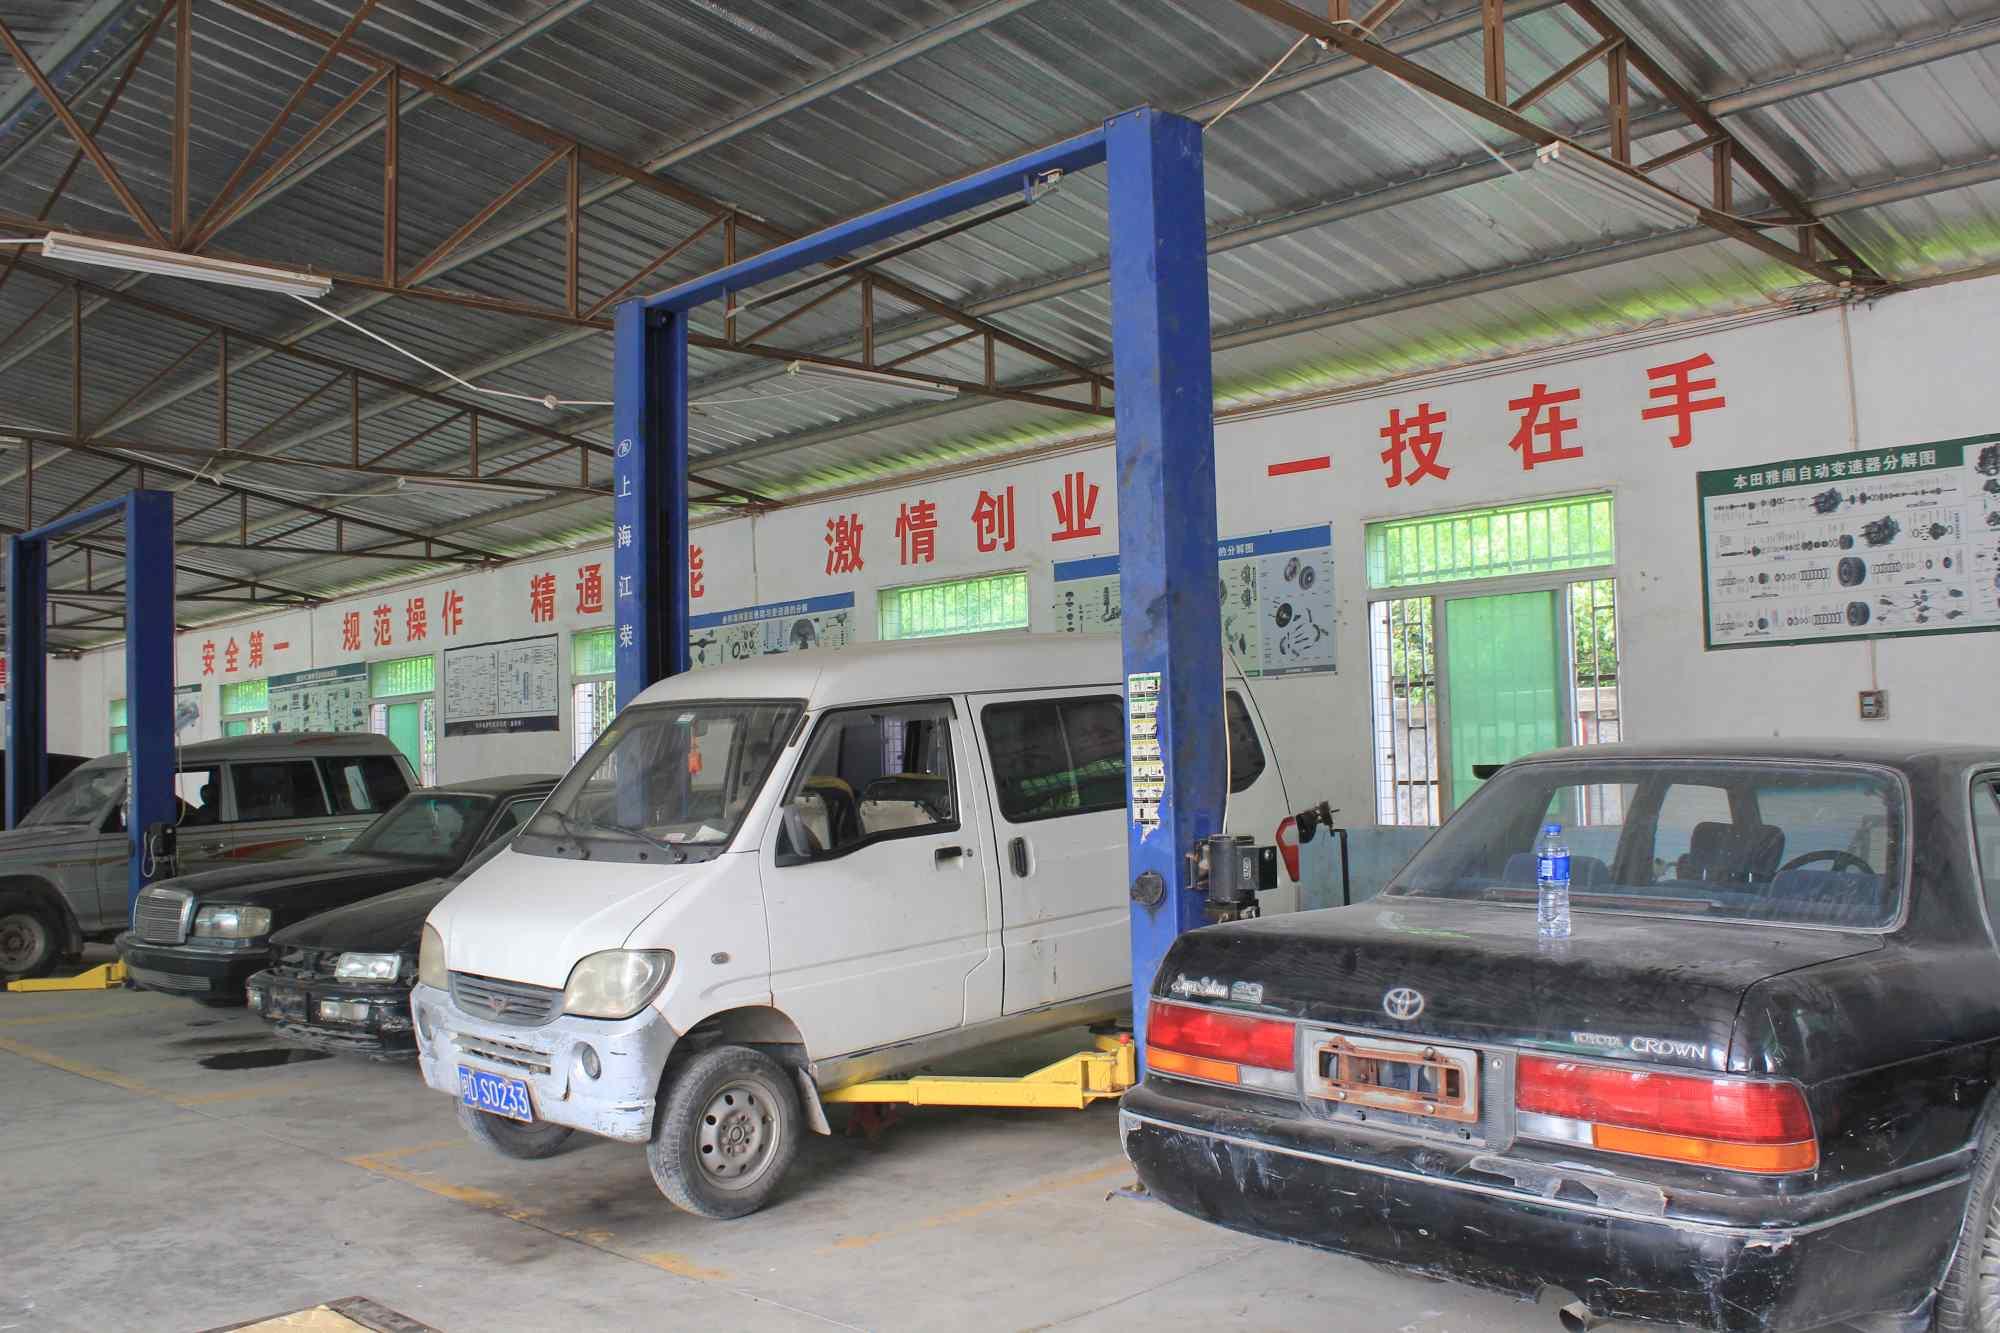 福建机械设备维修培训要上哪买比较好 福建华夏高级技工学校福建汽